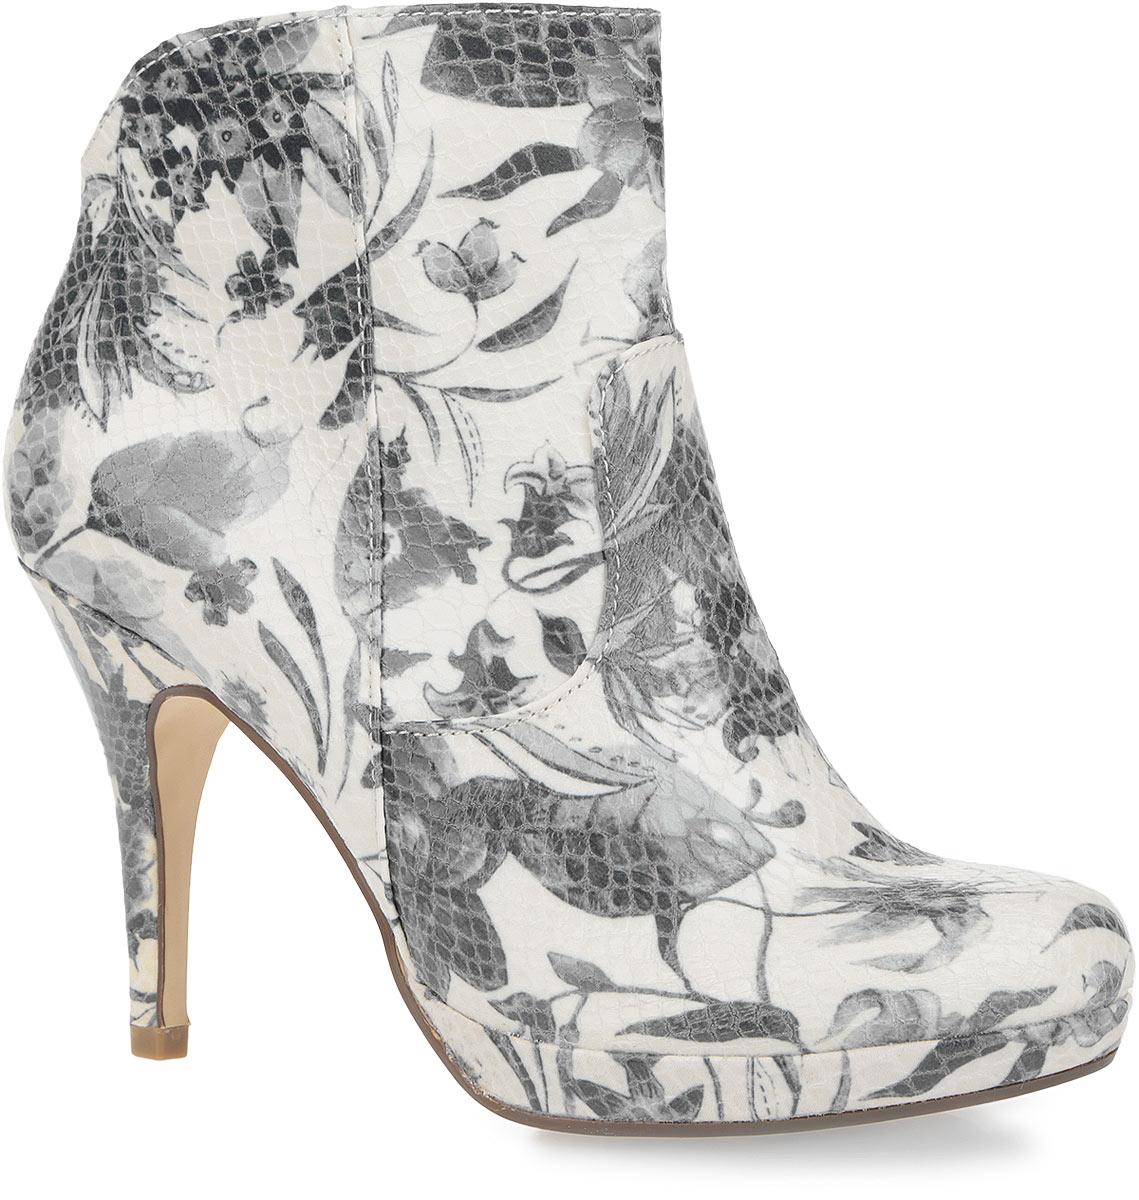 1-1-25348-36-160Восхитительные ботильоны от Tamaris покорят вас с первого взгляда. Модель выполнена из текстиля с глянцевой поверхностью, оформленного цветочным принтом и узором в виде тиснения под рептилию. Закругленный носок добавит женственности в ваш образ. Внутренняя часть обуви и стелька, изготовлены из мягкого текстиля, который обеспечивает ногам комфорт и уют. Изделие застегивается на замок-молнию, расположенную на одной из боковых сторон. Задник дополнен фигурным вырезом. Высокий каблук компенсирован платформой. Подошва с рельефным протектором не скользит. Модные ботильоны займут достойное место среди вашей коллекции обуви.